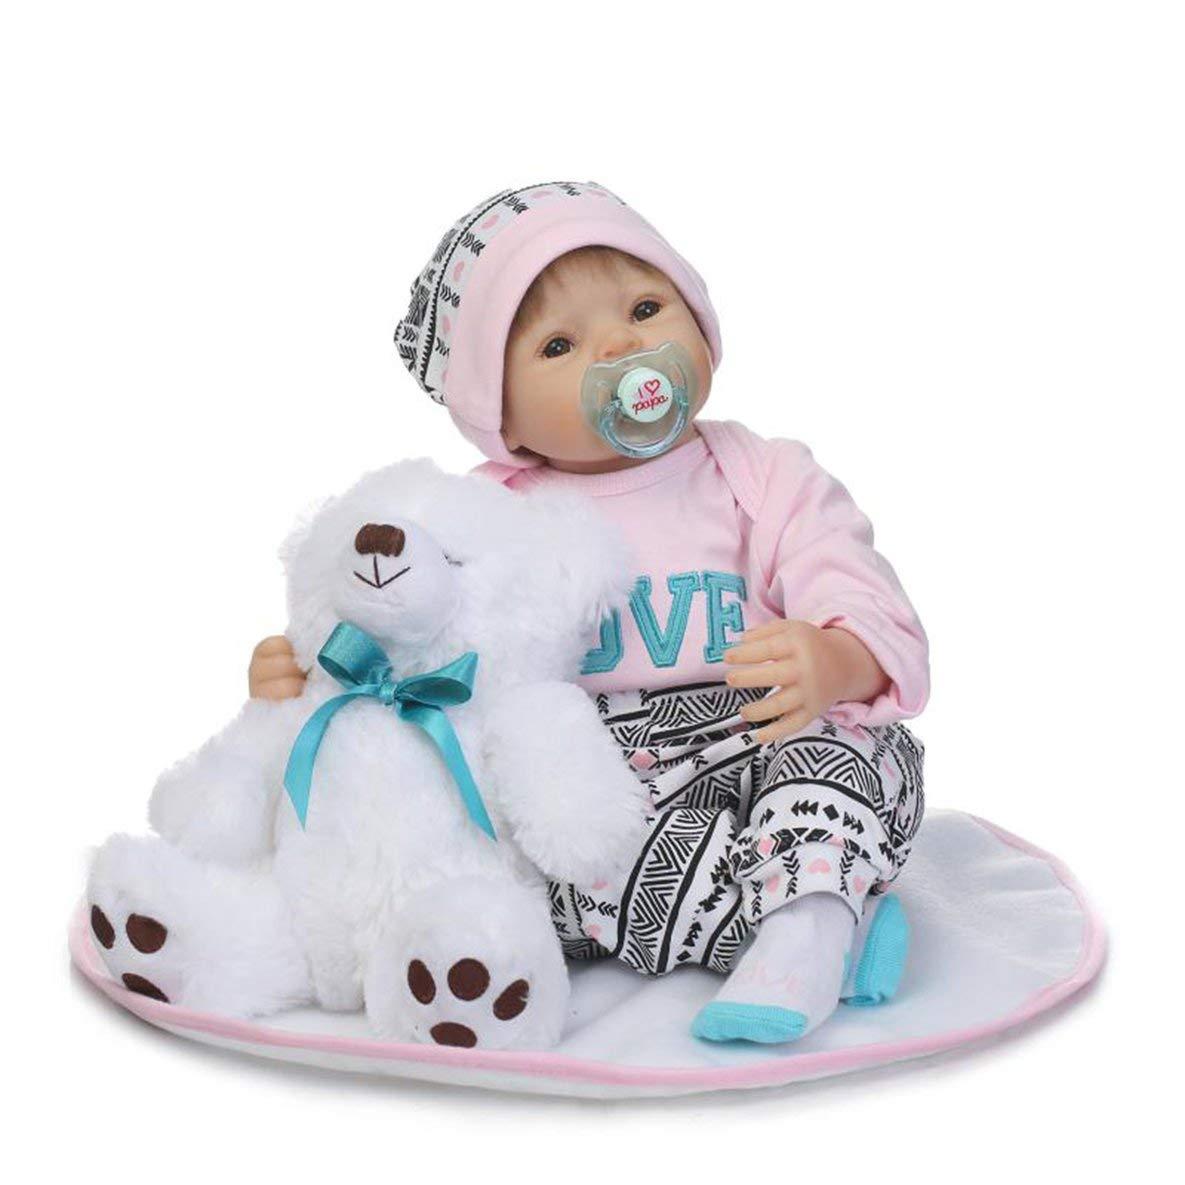 en promociones de estadios Moliies 50cm de Silicona muñecas muñecas muñecas Reborn Baby durmiendo acompañando muñecas realistas  cómodo